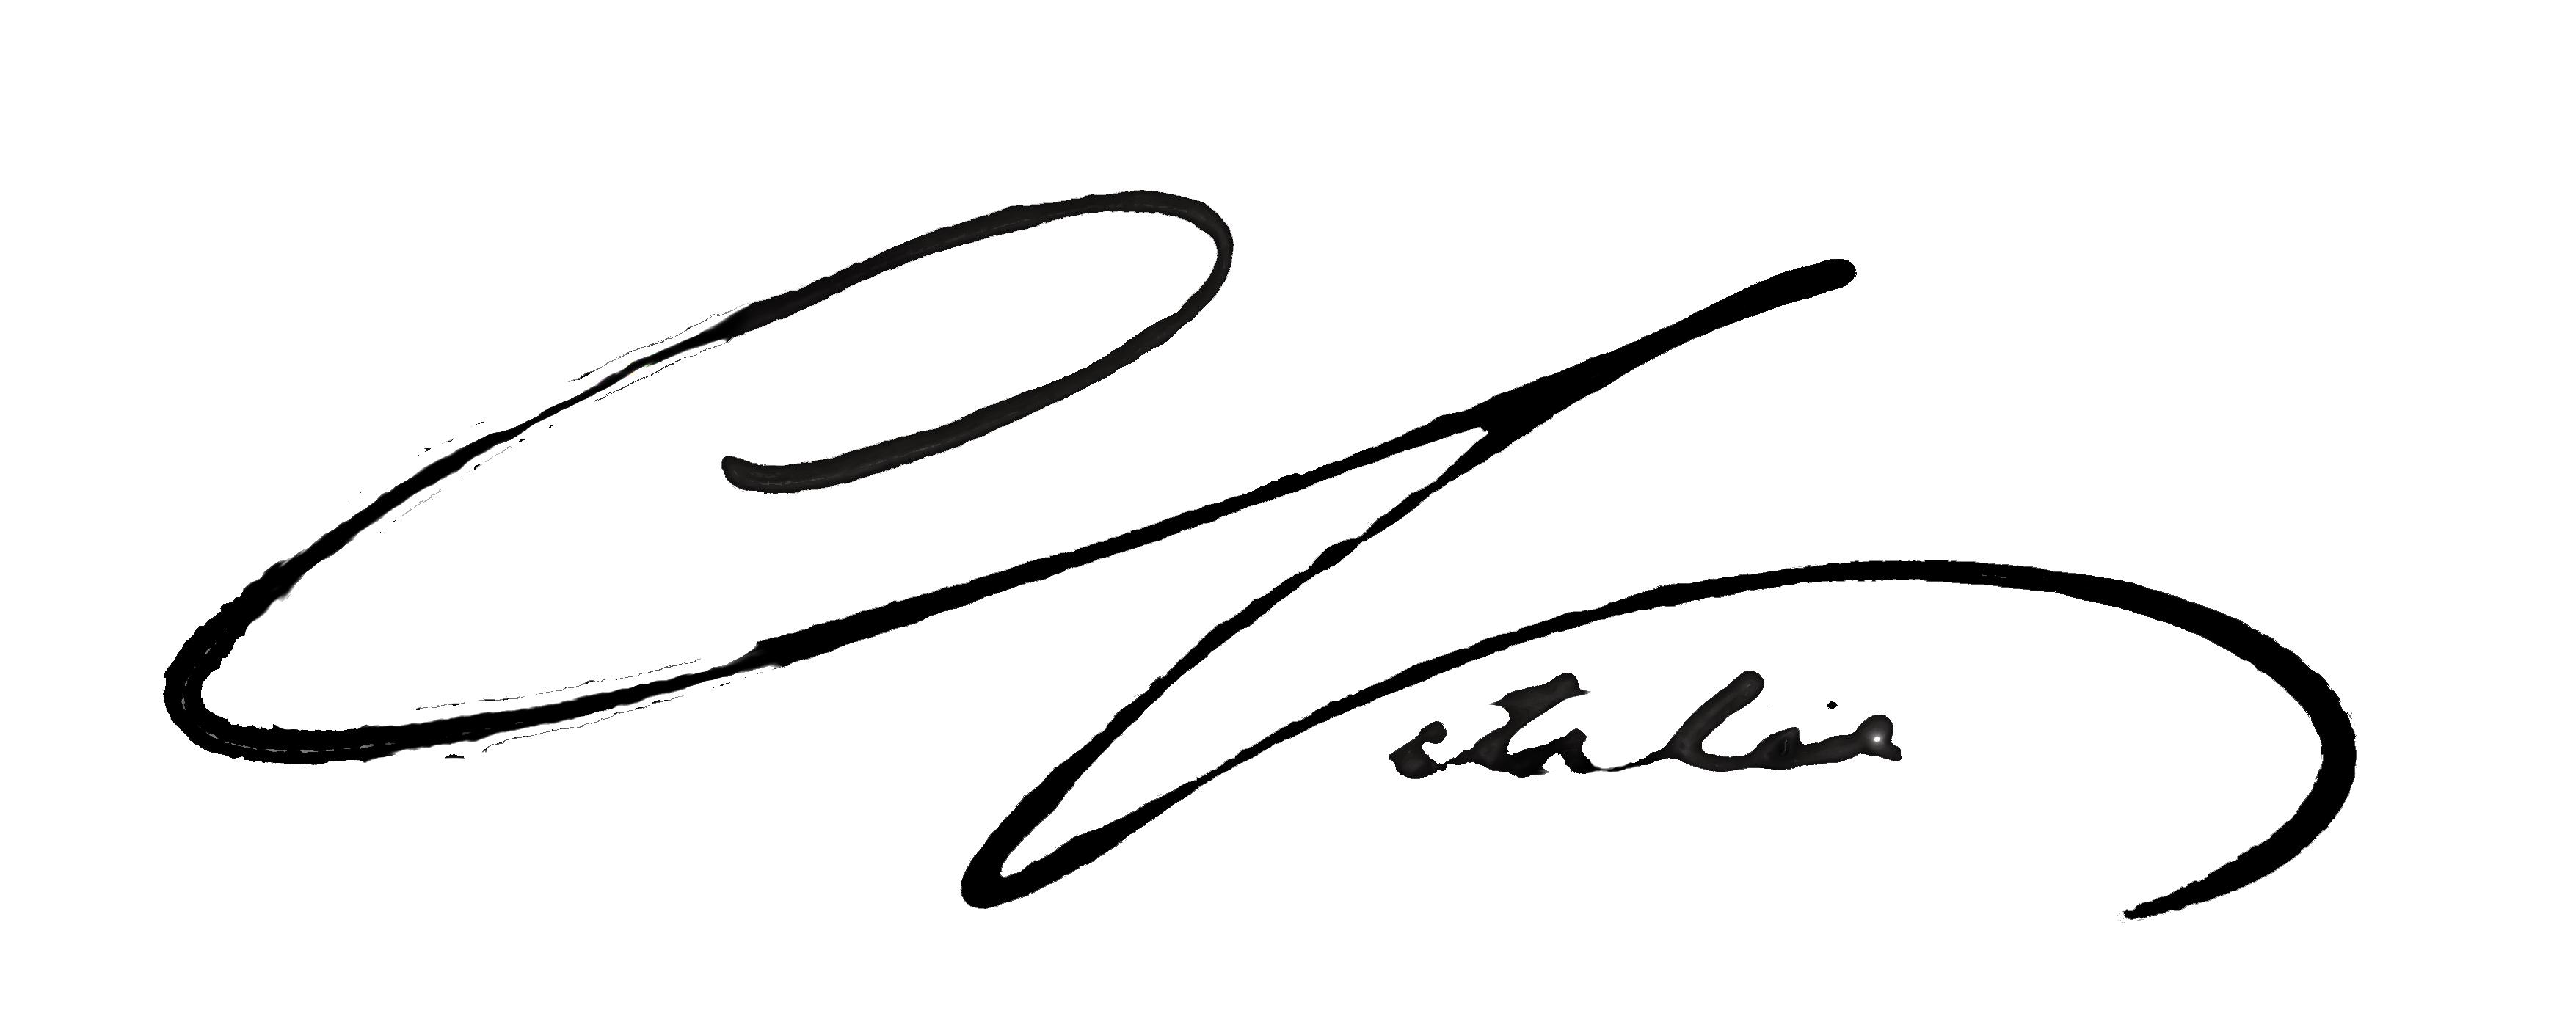 Natalie Mund's Signature